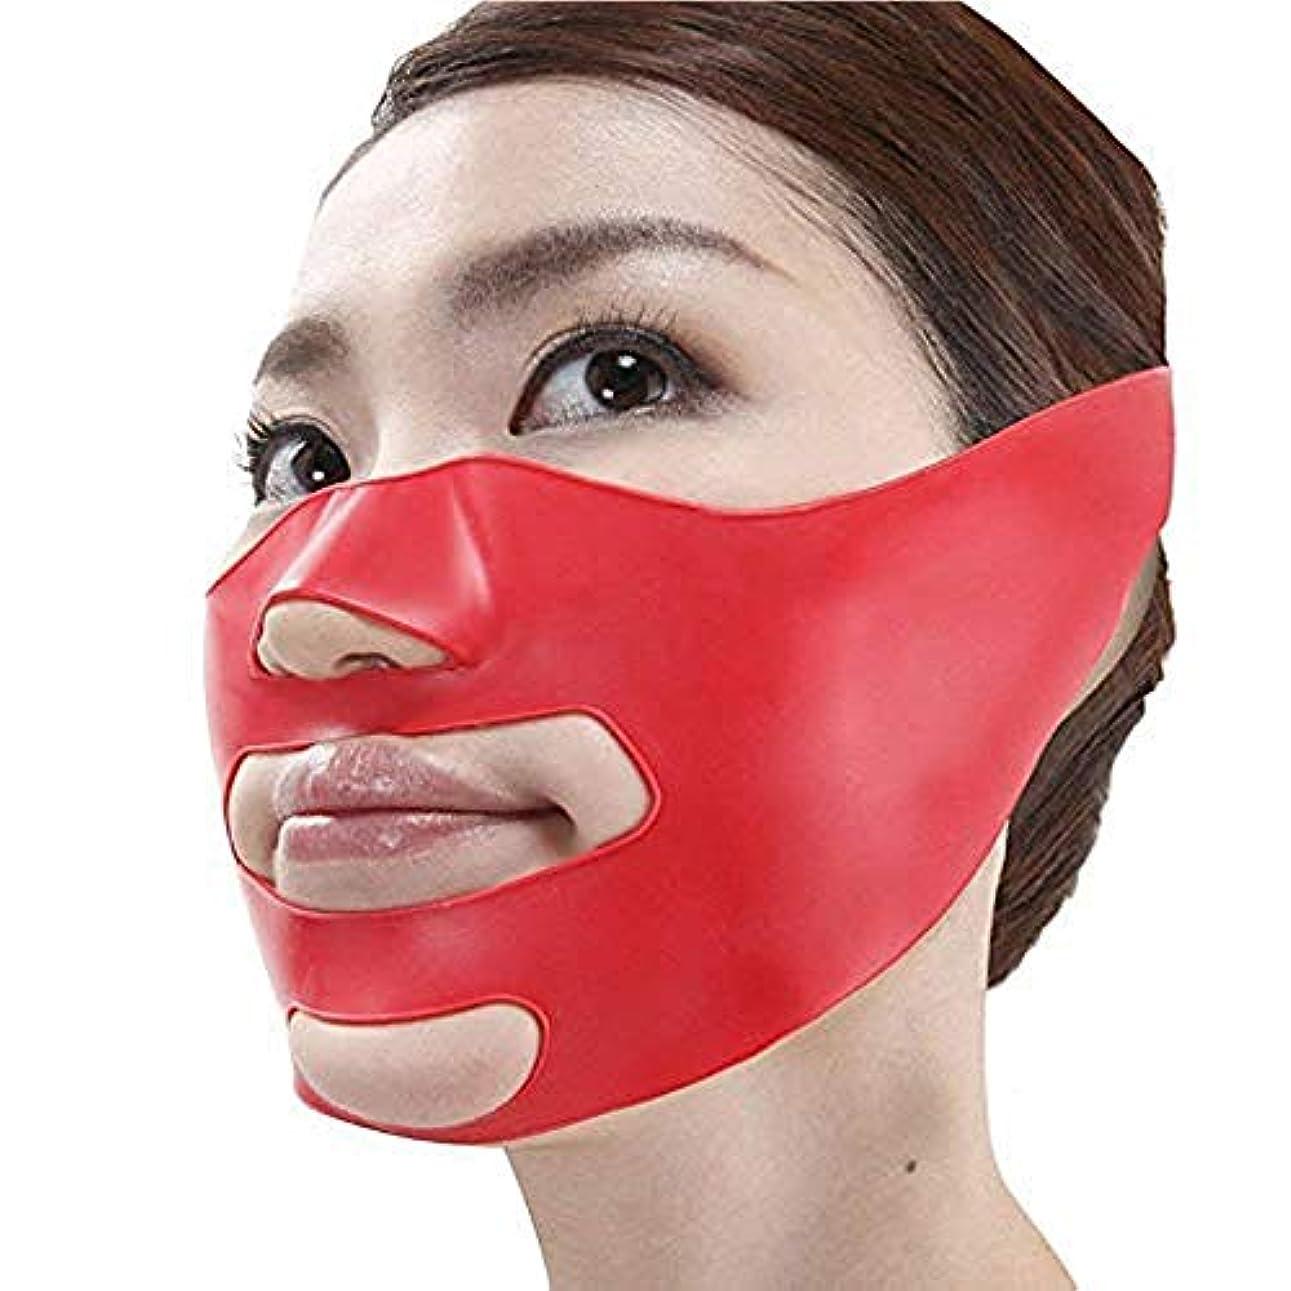 変化手配する力Milent 小顔矯正 マスク 小顔補正ベルト ほうれい線 リフトスリムマスク 3Dエクササイズマスク 法令線予防 抗シワ サウナマスク 美顔 フリーサイズ